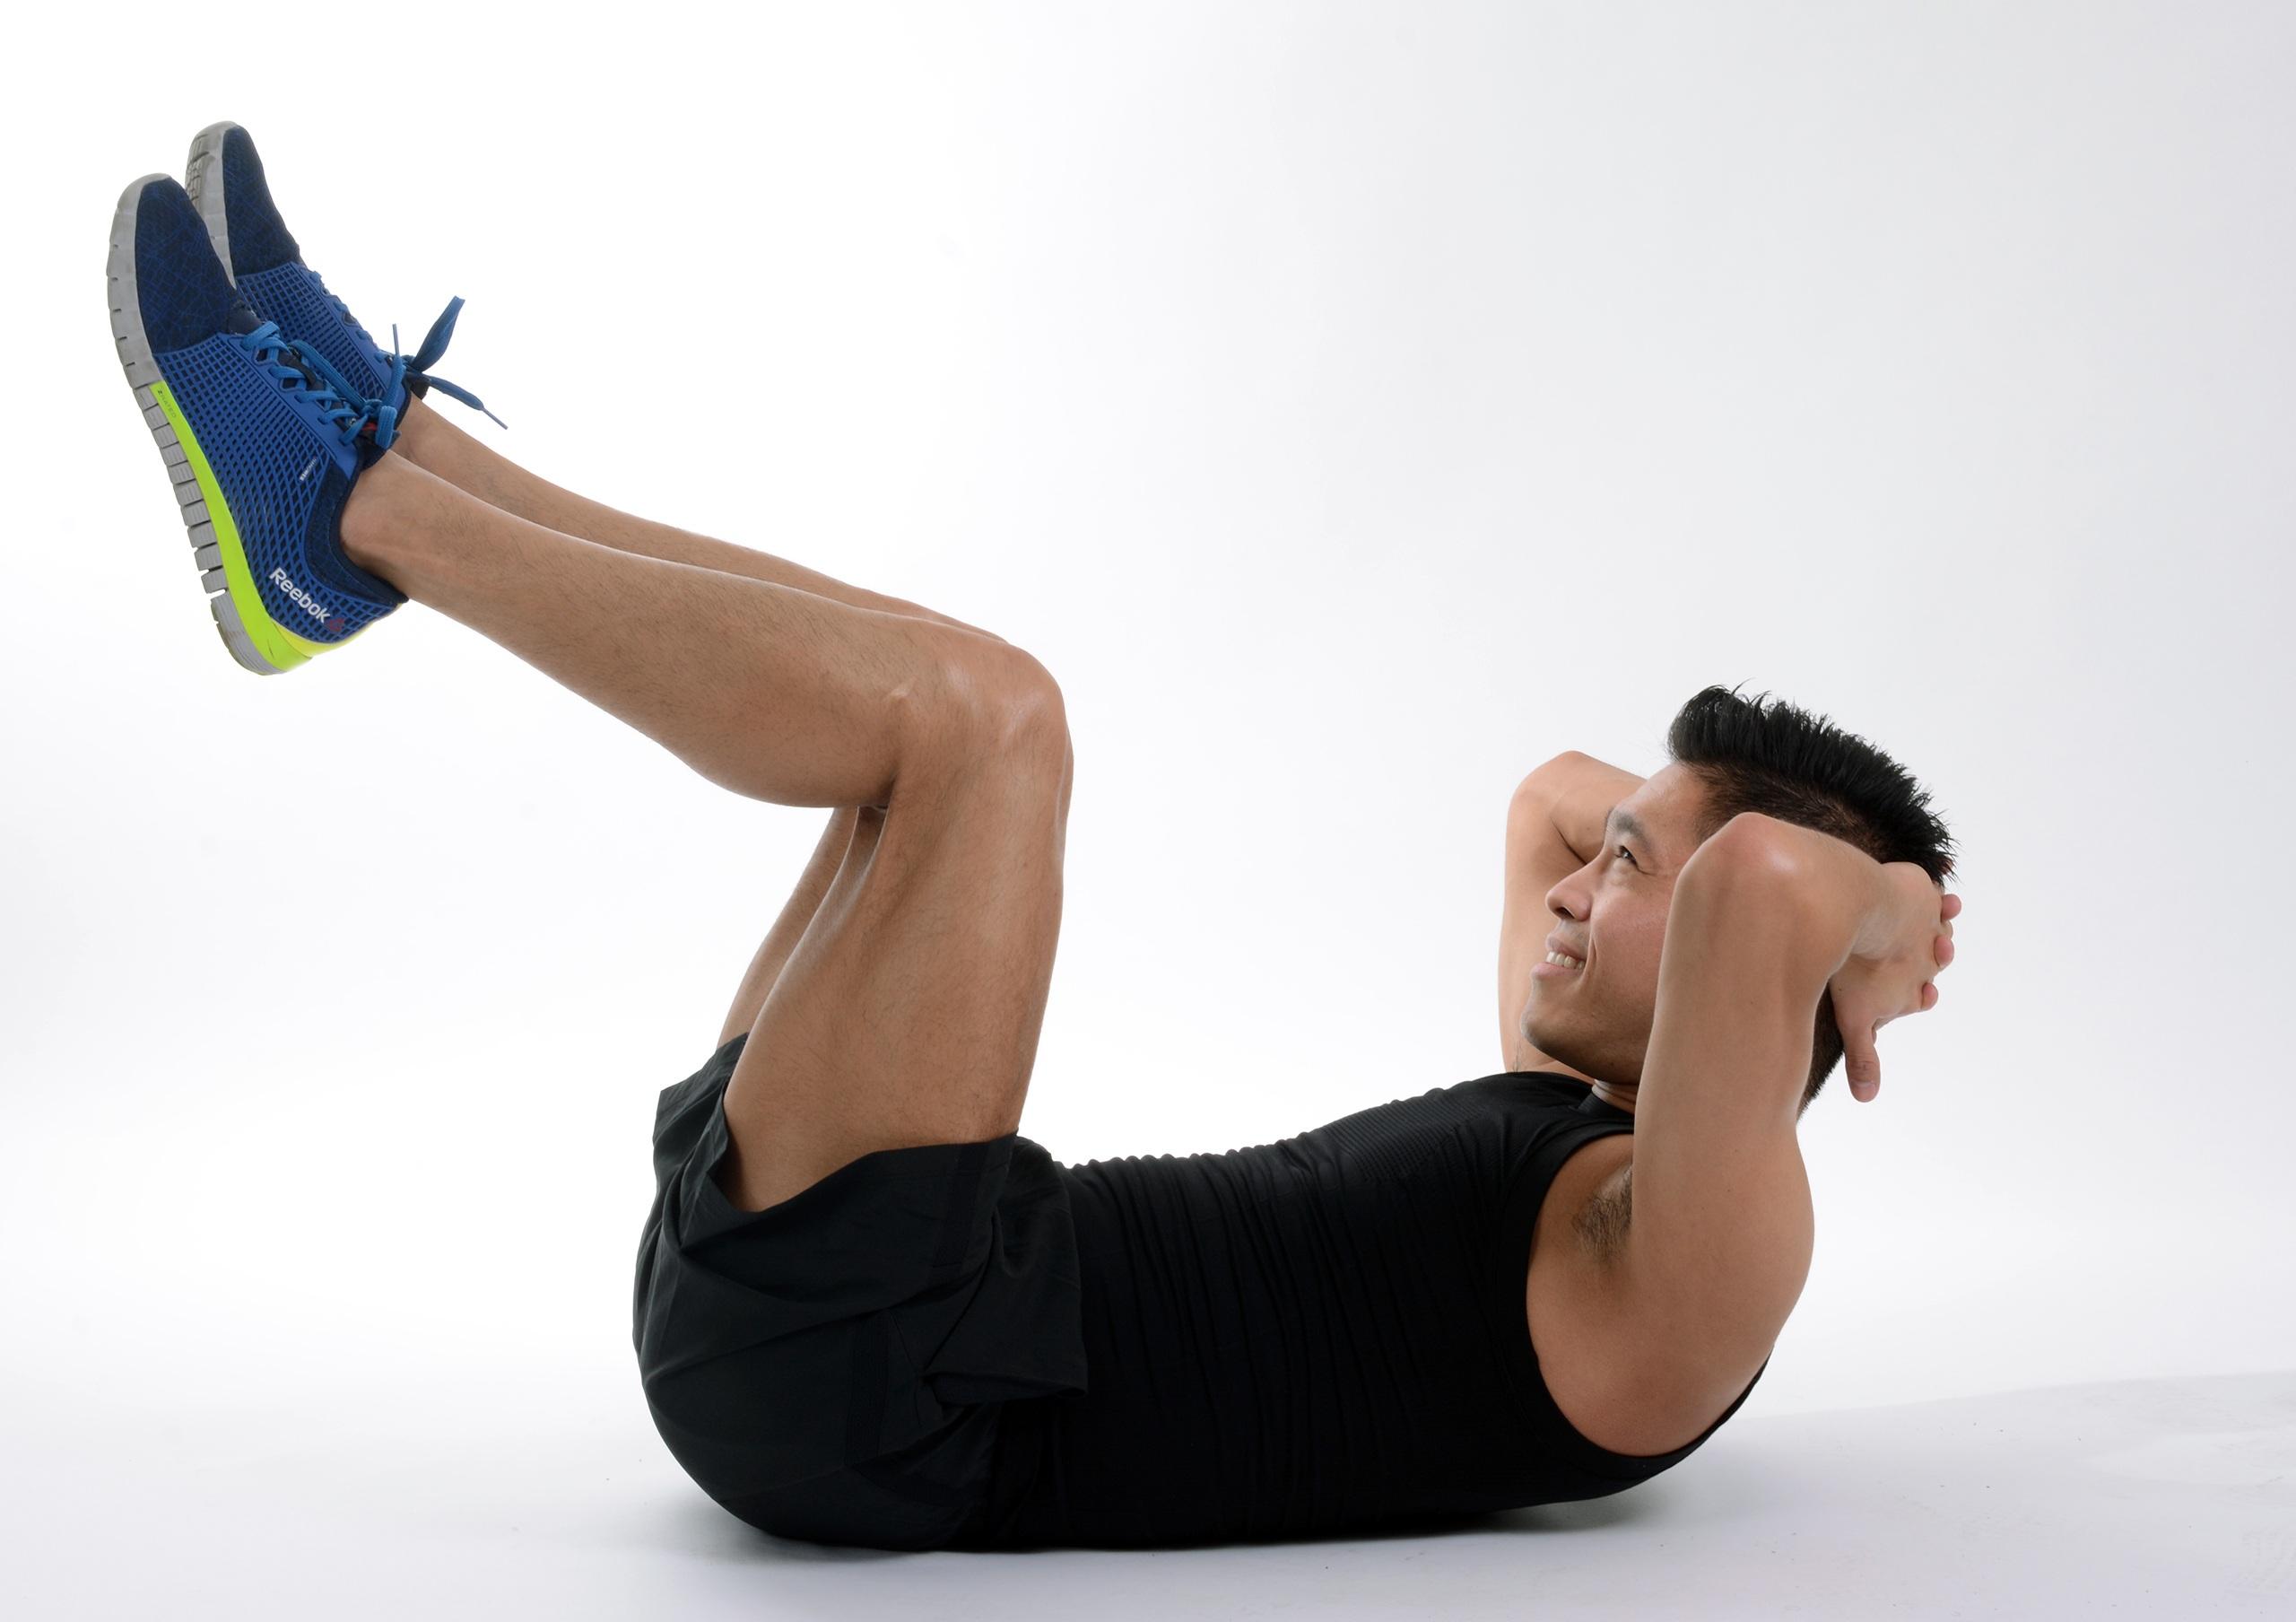 Kostenlose foto : Person, Kofferraum, Bein, Sitzung, Übung, Arm ...